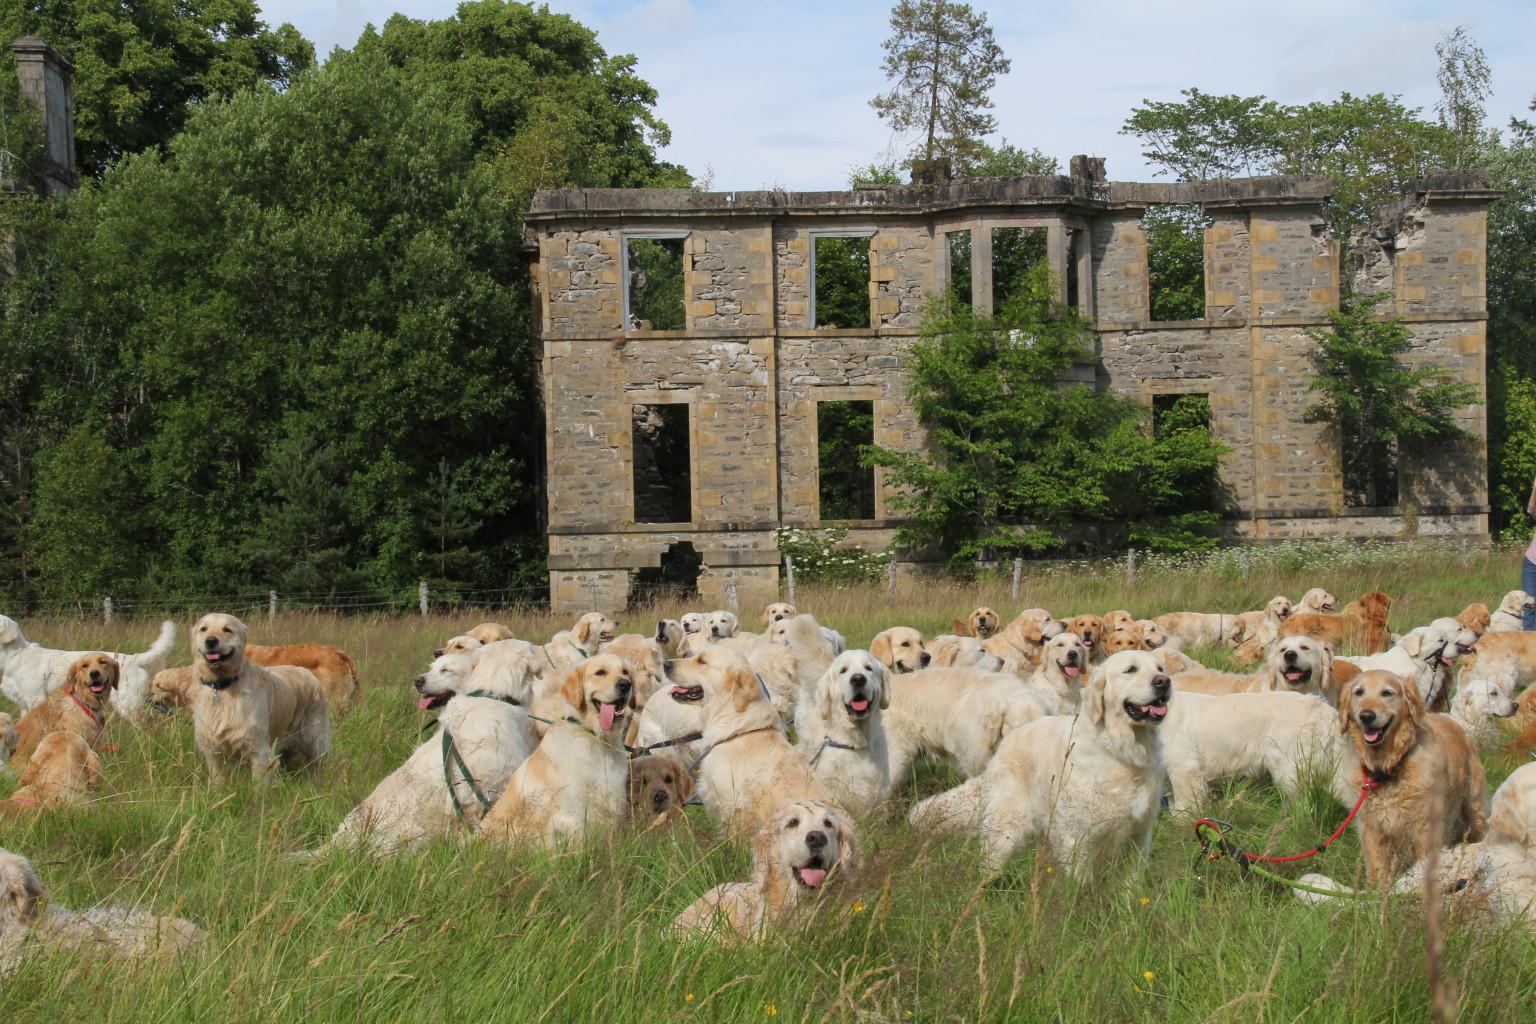 Golden Retriever Festival In Scotland Looks Like The